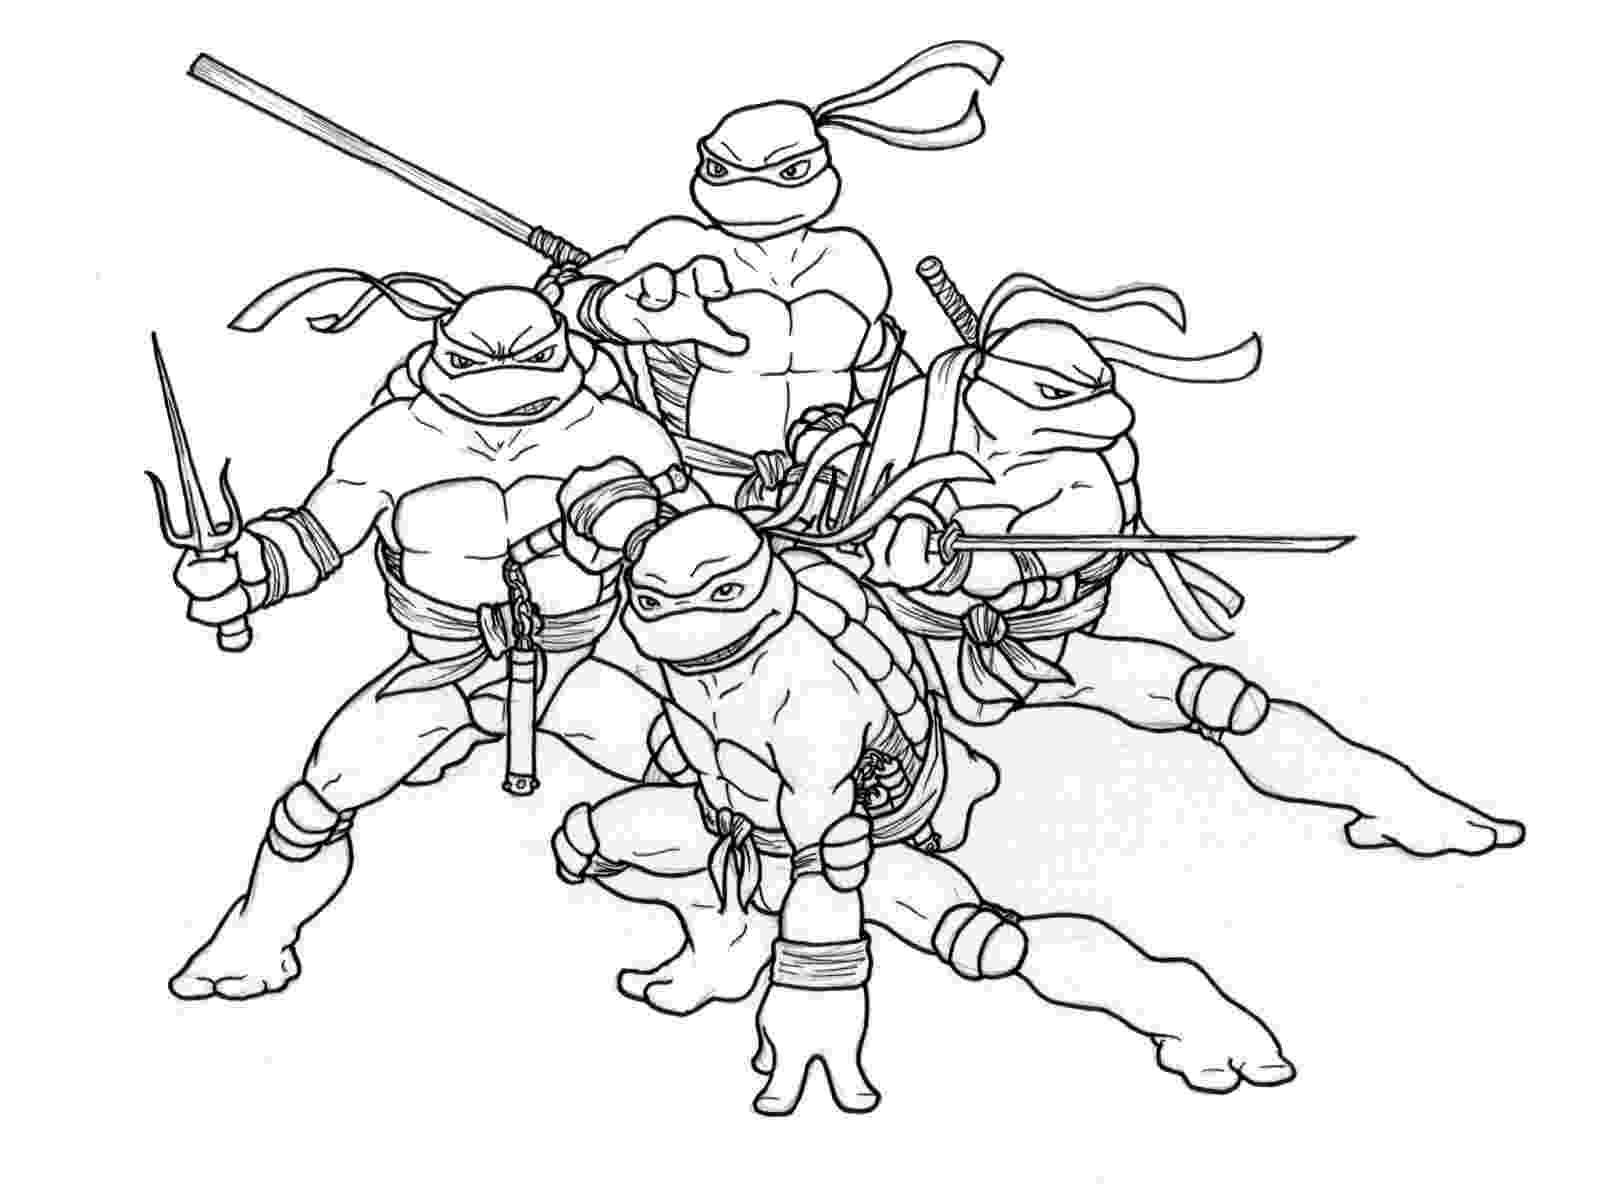 free printable coloring pages ninja turtles teenage mutant ninja turtles coloring pages learny kids free pages ninja coloring turtles printable